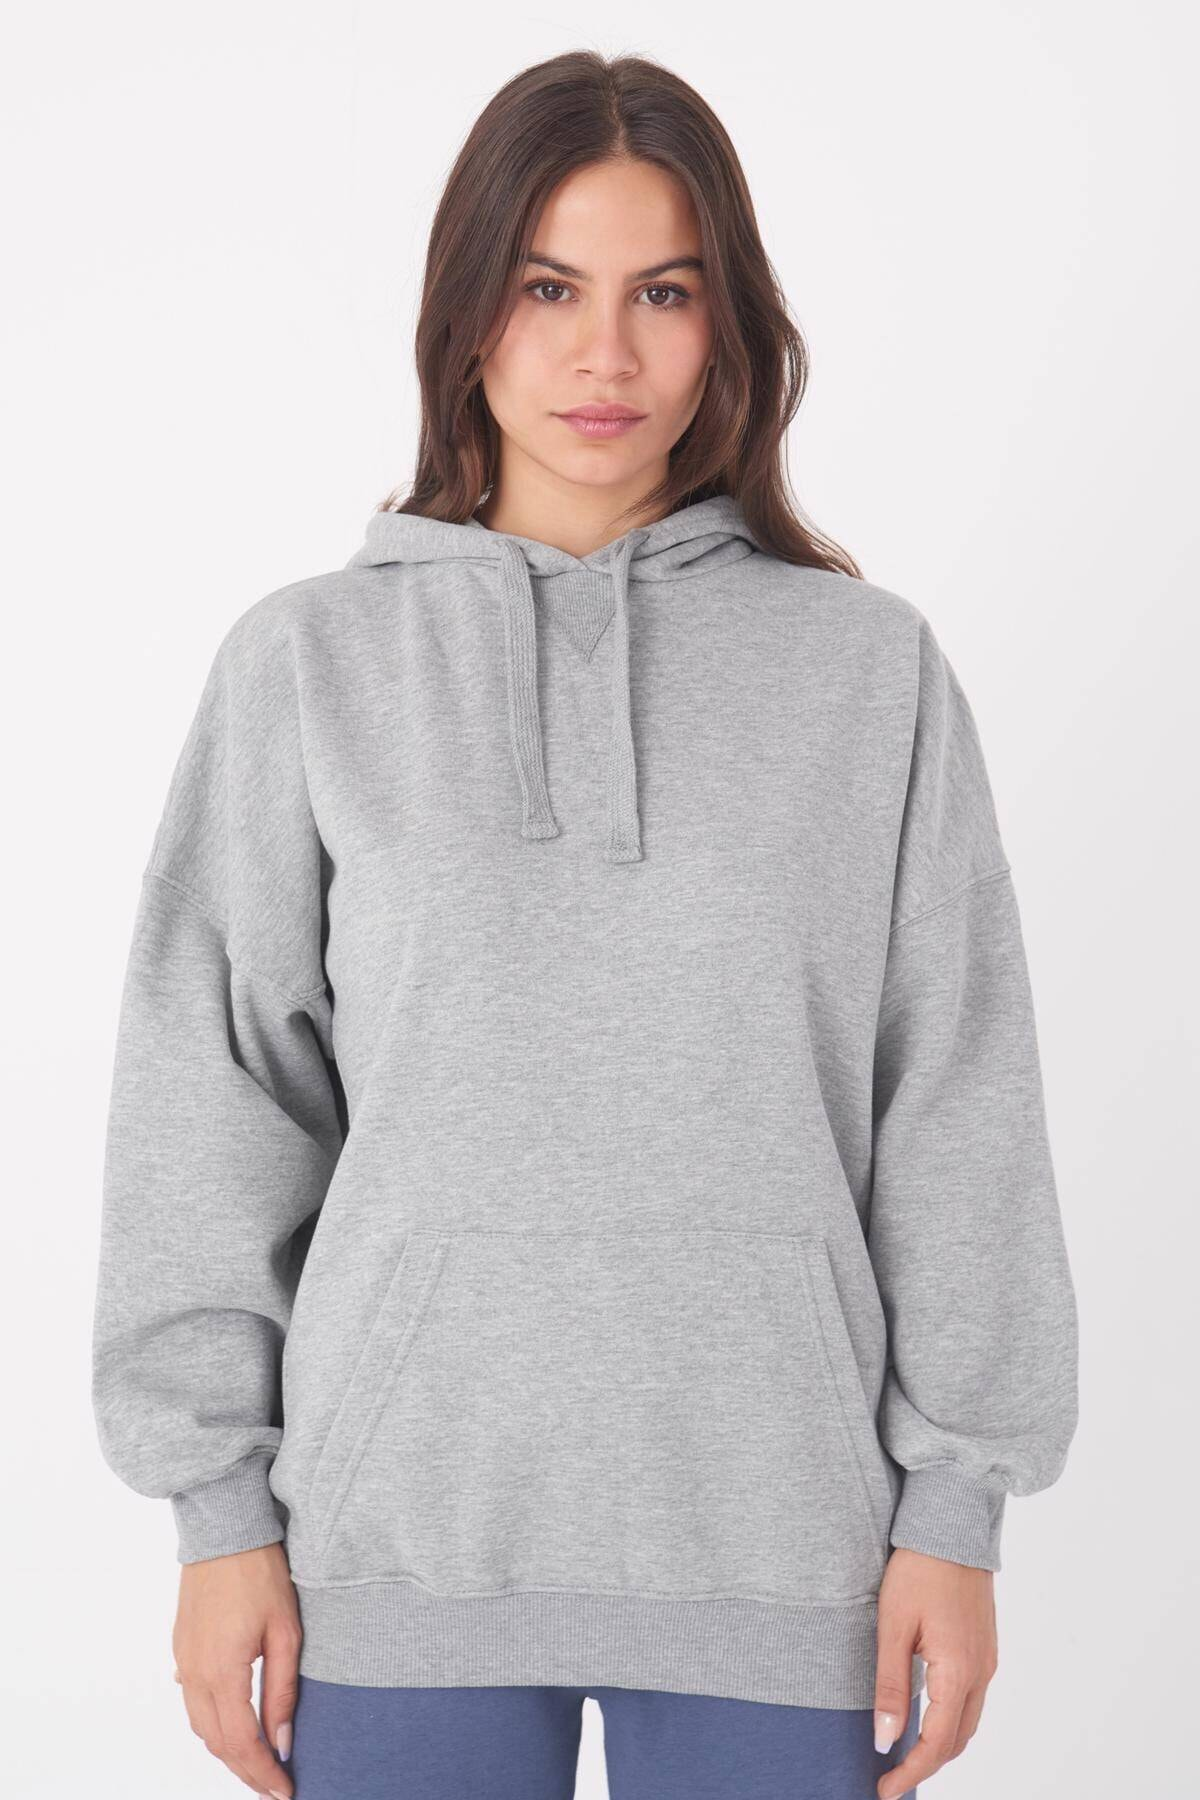 Addax Kadın Gri Melanj Kapüşonlu Sweatshirt S0519 - P10 - V2 ADX-0000014040 1